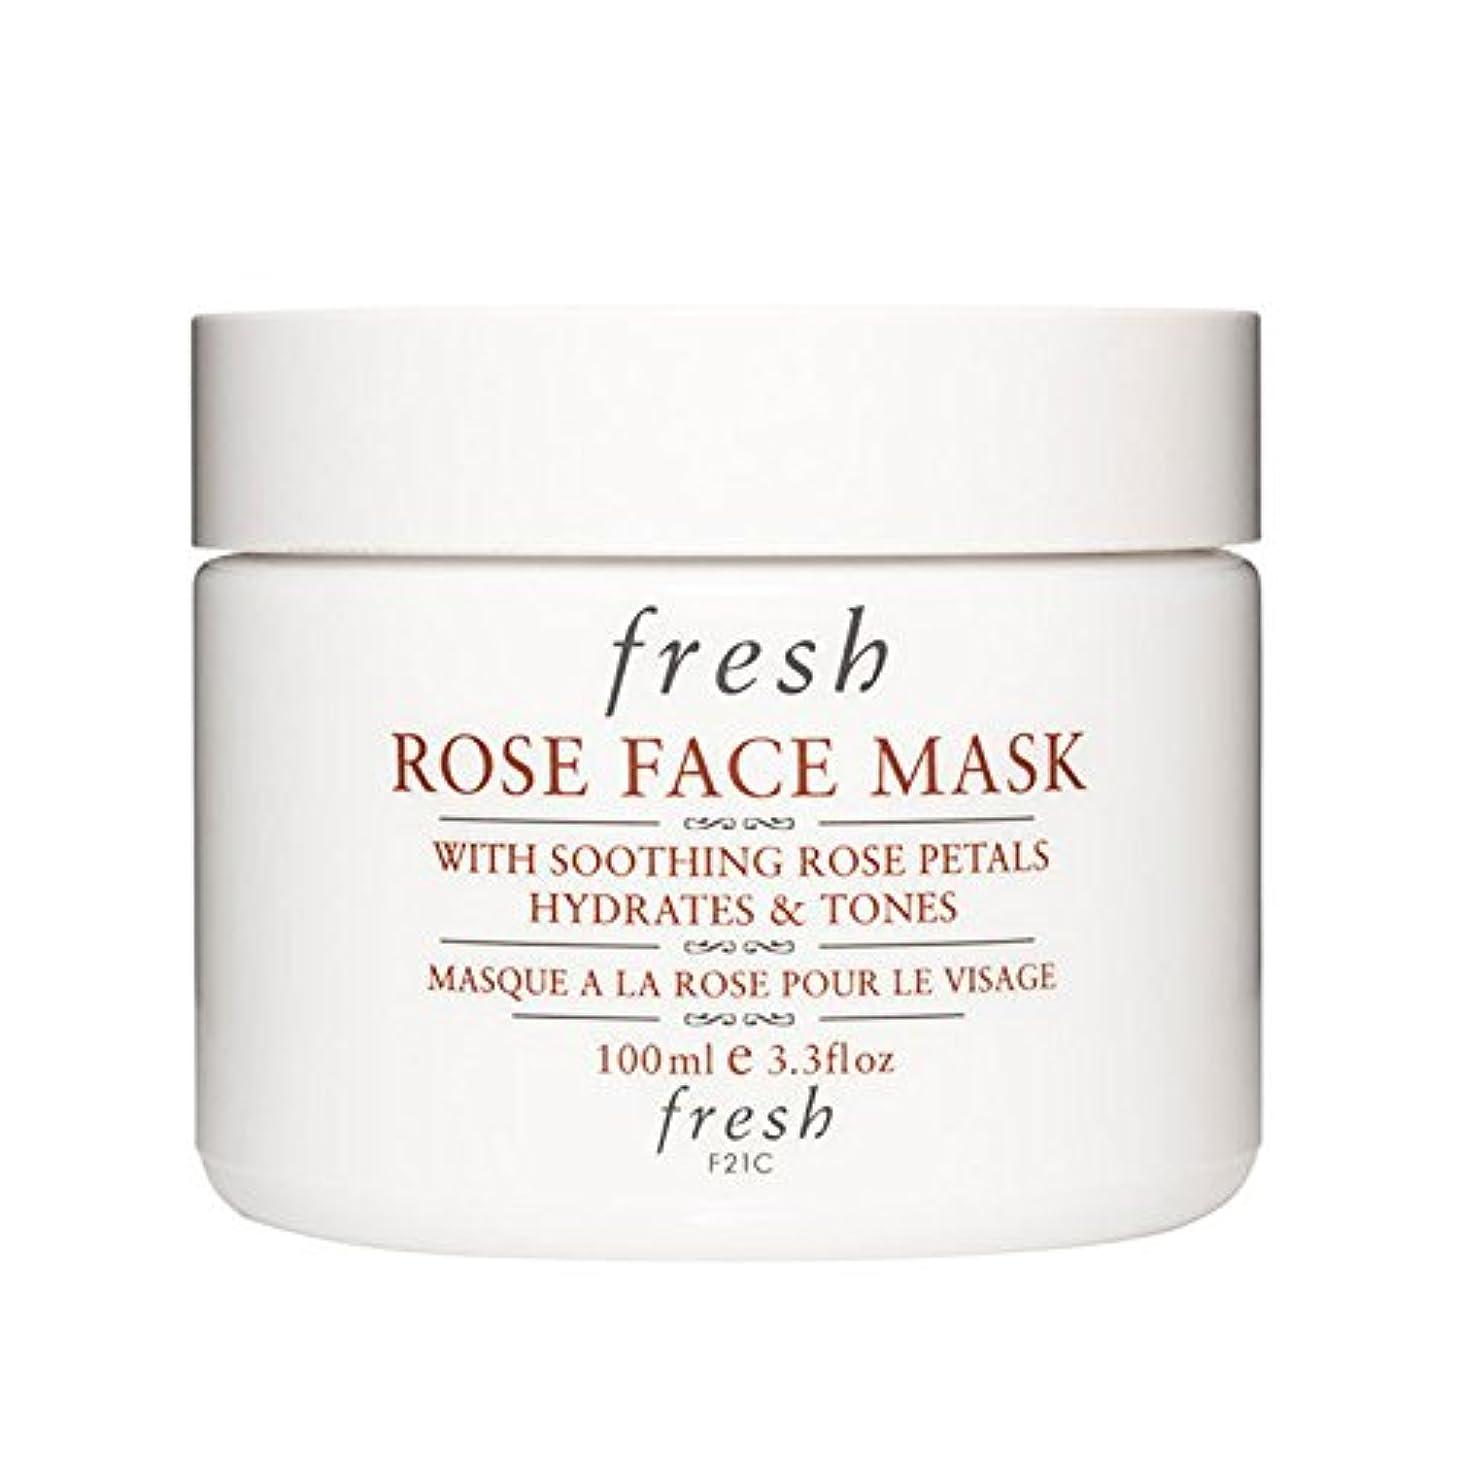 ナプキン換気するブラウス【並行輸入品】Fresh ROSE FACE MASK (フレッシュ ローズフェイスマスク) 3.4 oz (100g) by Fresh for Women